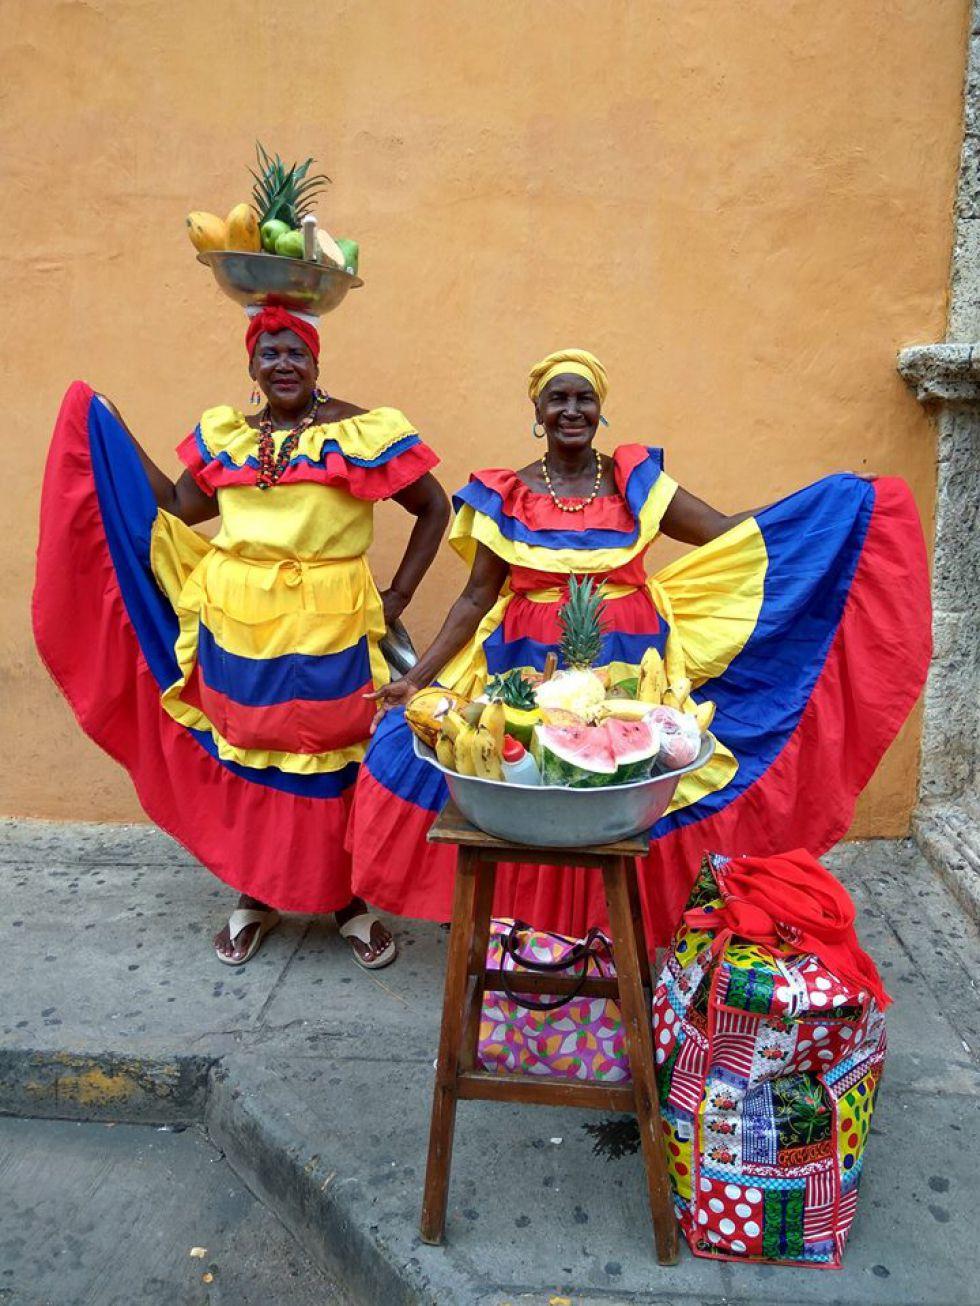 poznawanie różnych kultur -Kolumbia